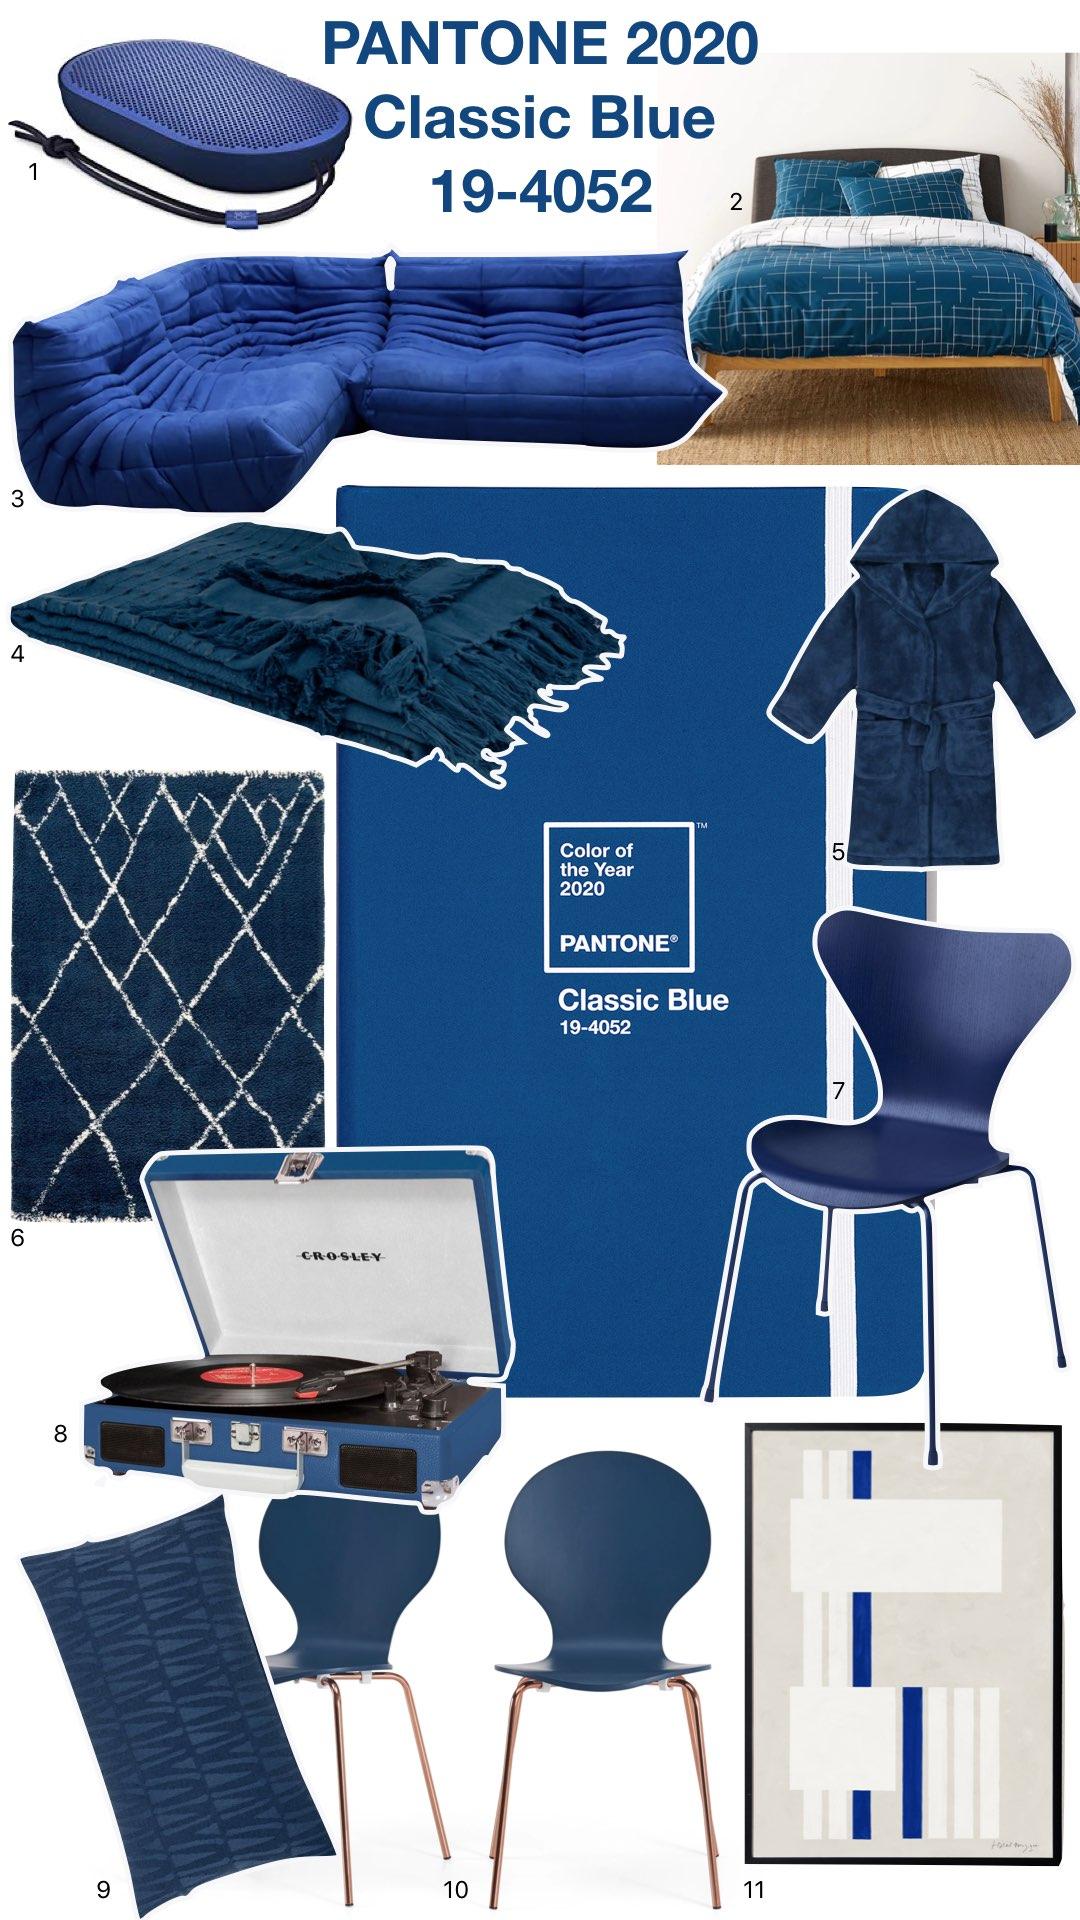 pantone 2020 classic blue bleu roi décoration intérieure - clem around the corner